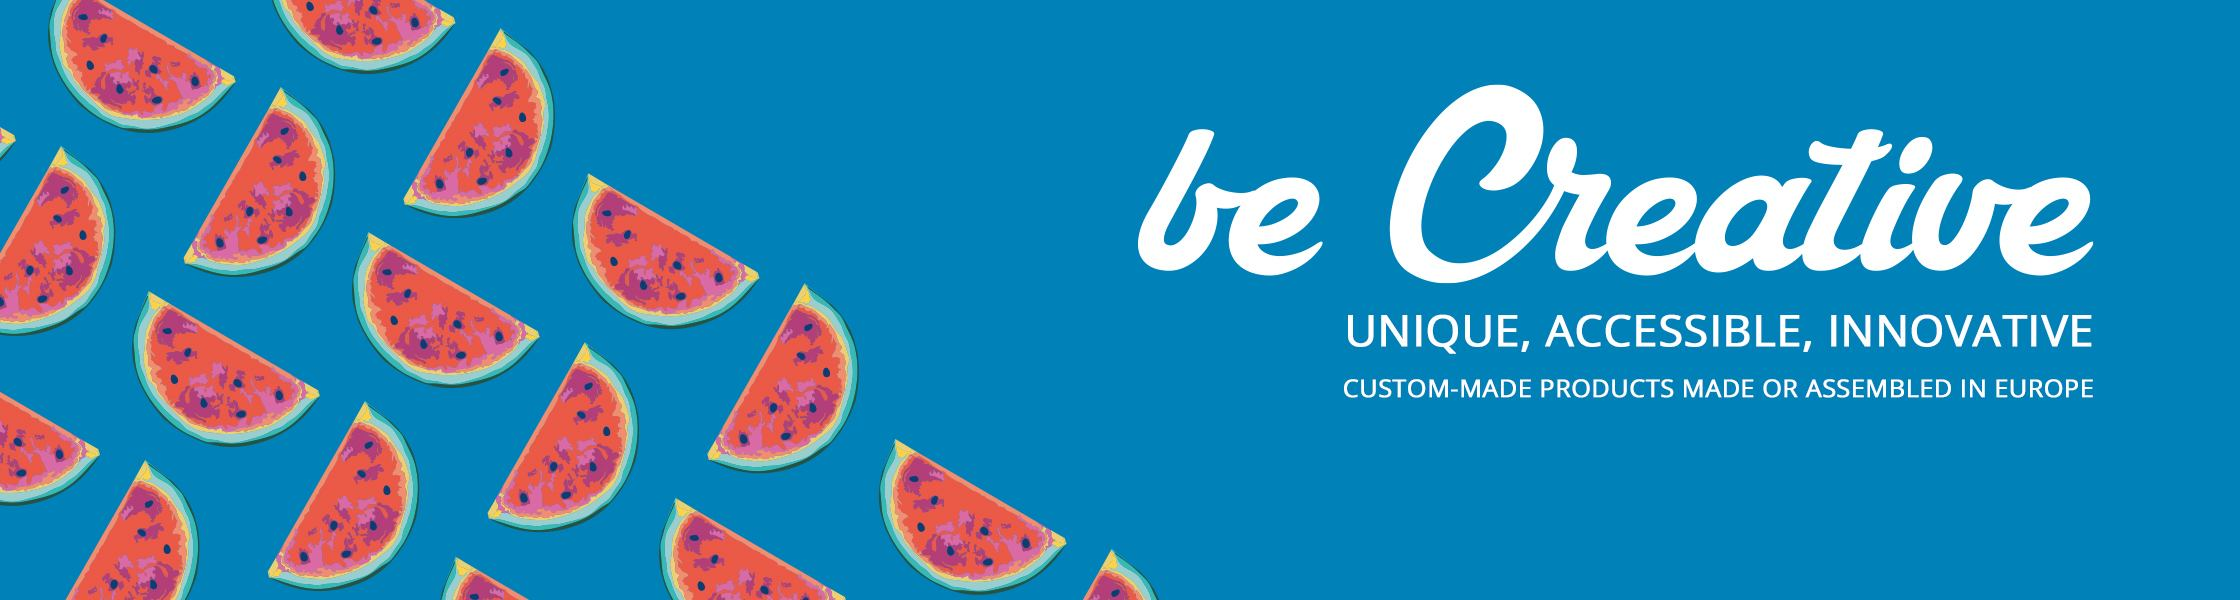 Nasz nowy, szalenie wyjątkowy e-katalog BE CREATIVE jest już dostępny!